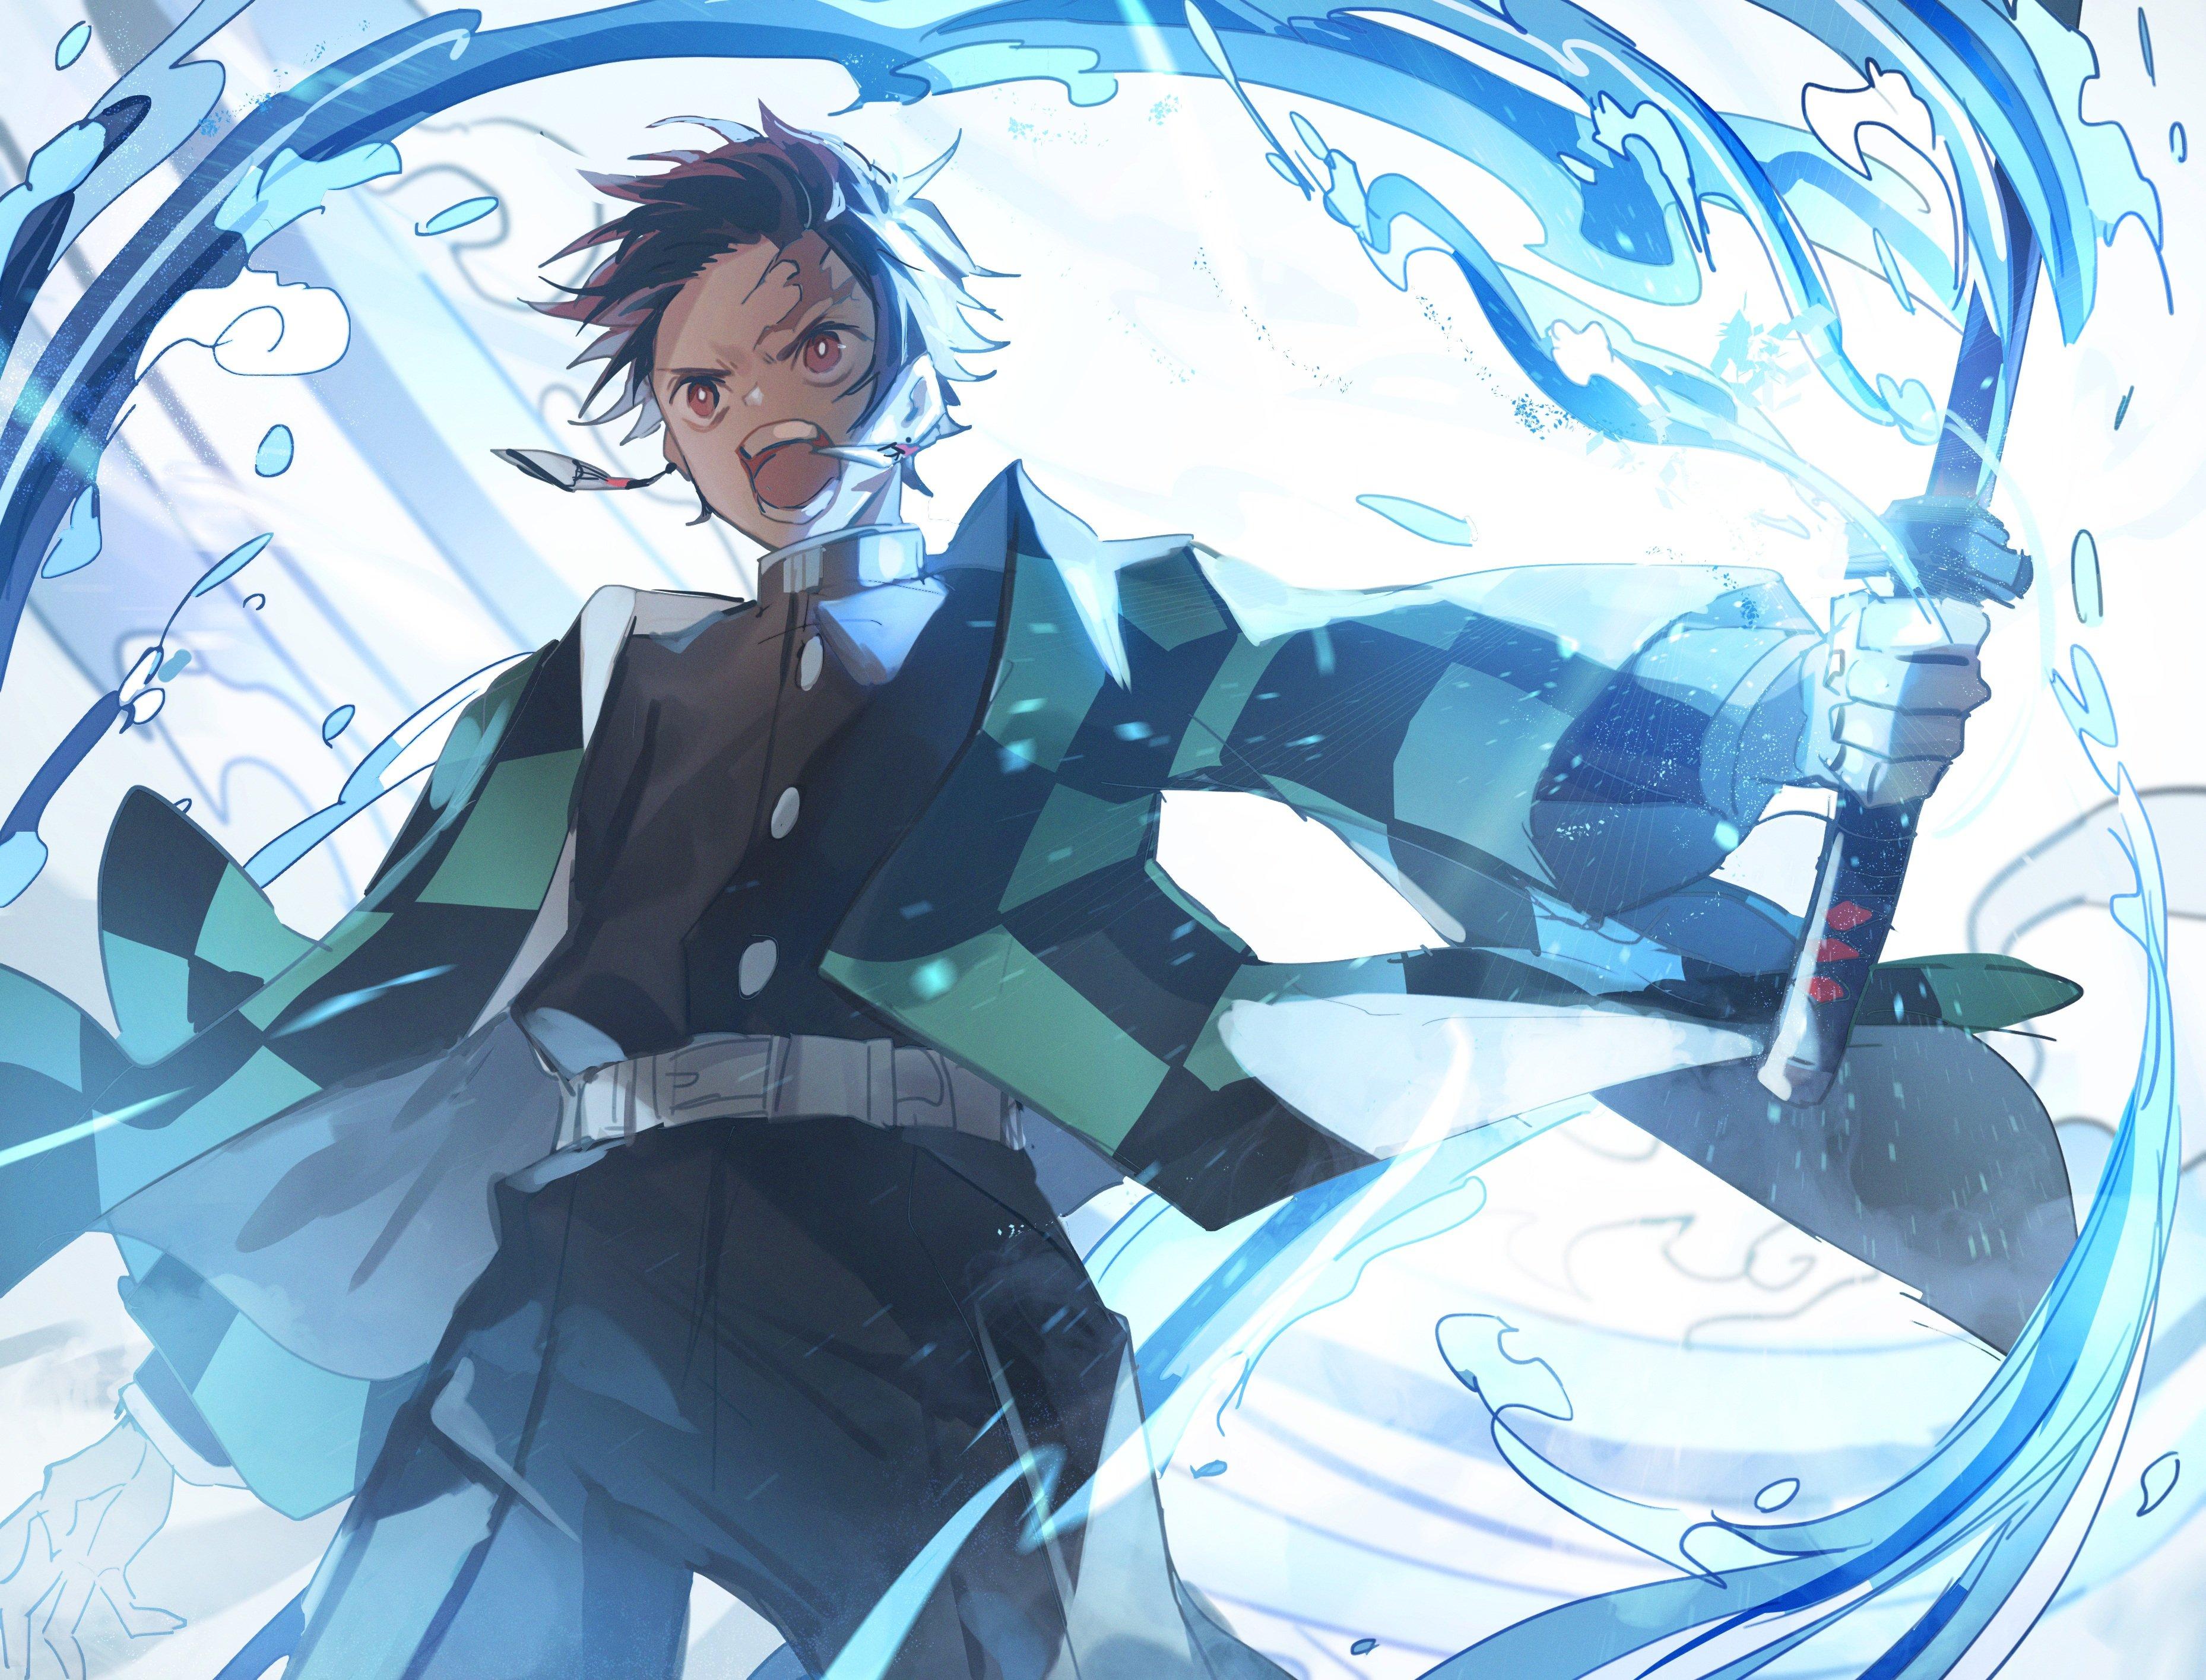 Fondos de pantalla Anime Tanjirou Kamado personaje Guardianes de la Noche